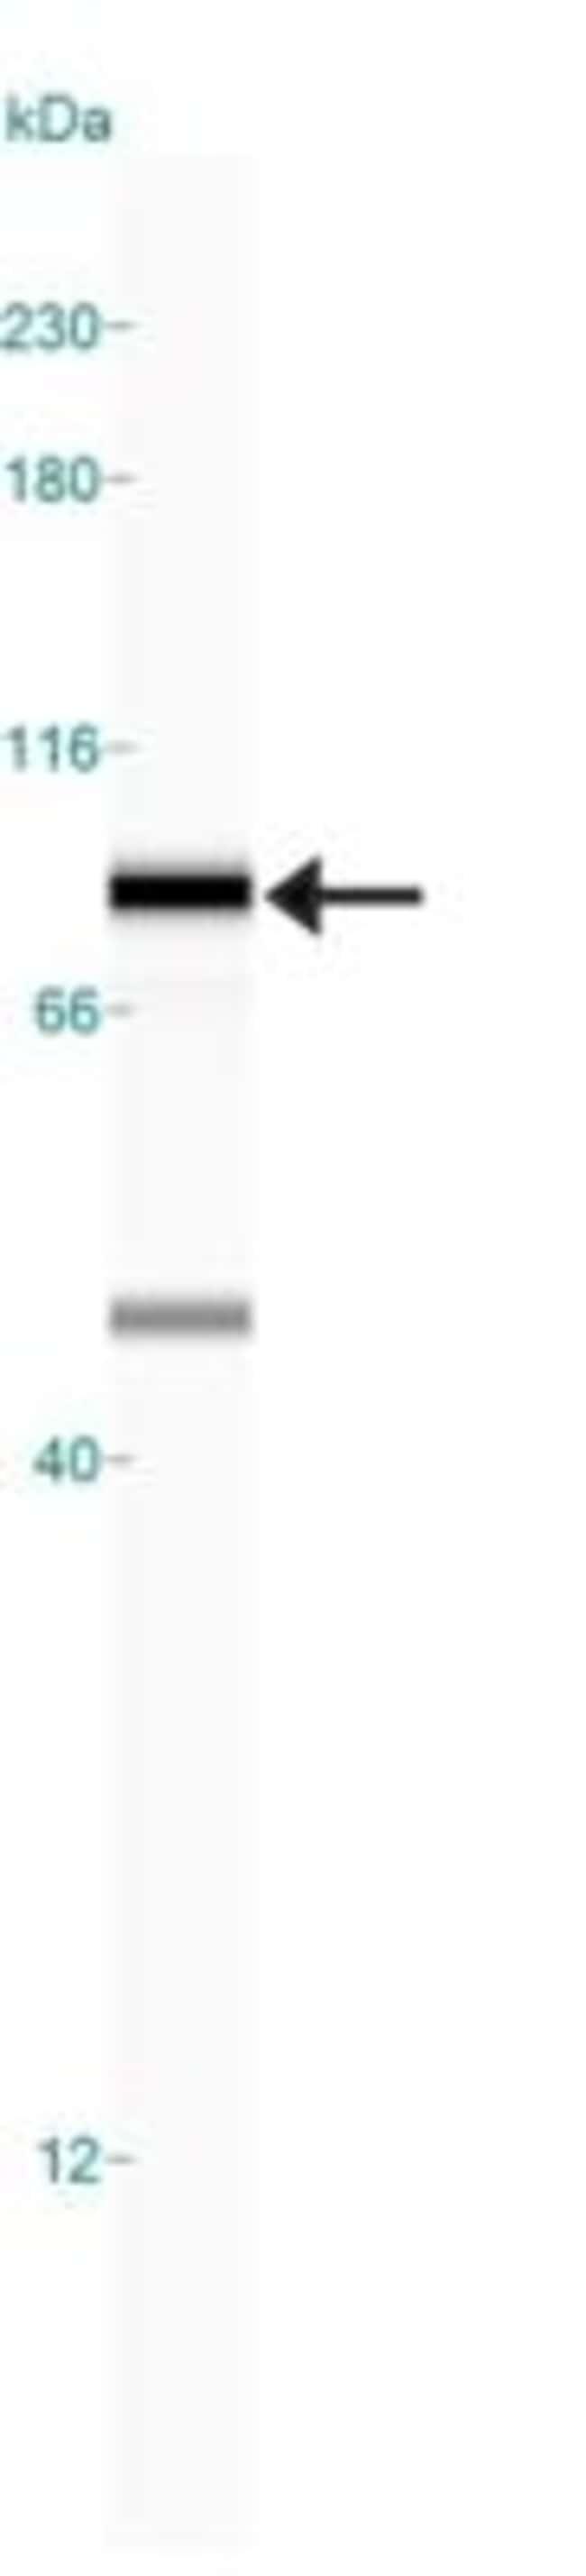 anti-DRP1, Polyclonal, Novus Biologicals:Antibodies:Primary Antibodies